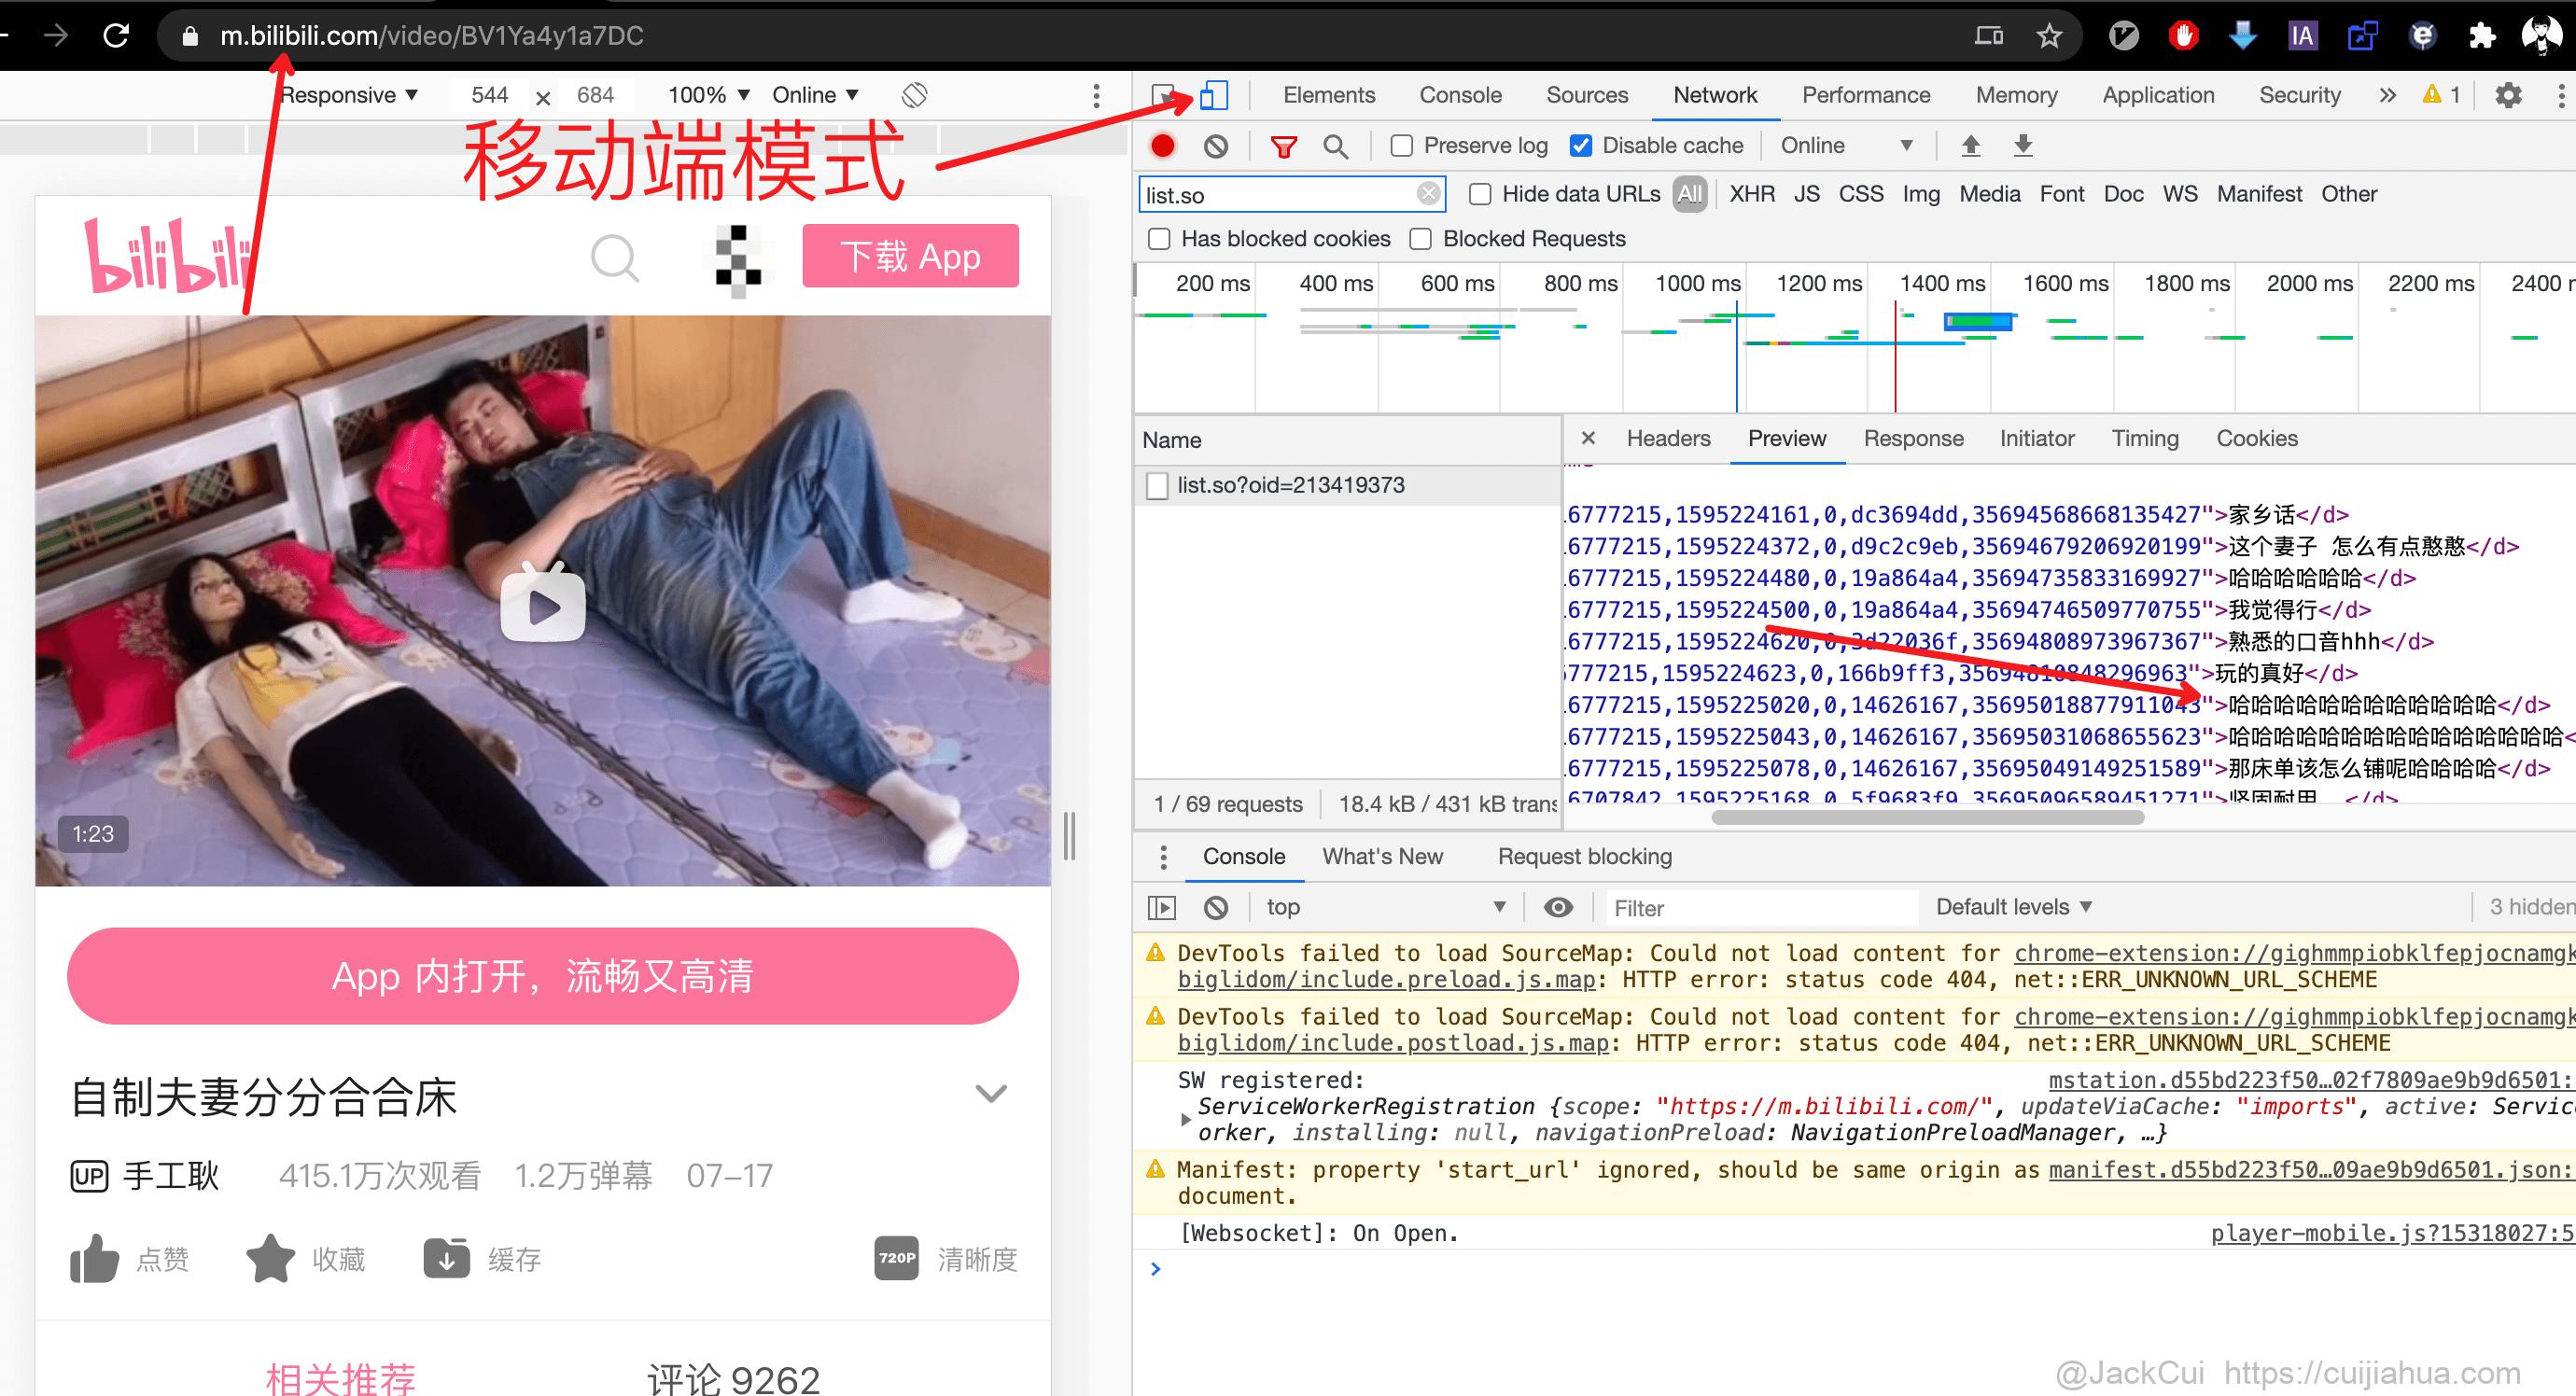 宝藏B站UP主,视频弹幕尽收囊中!